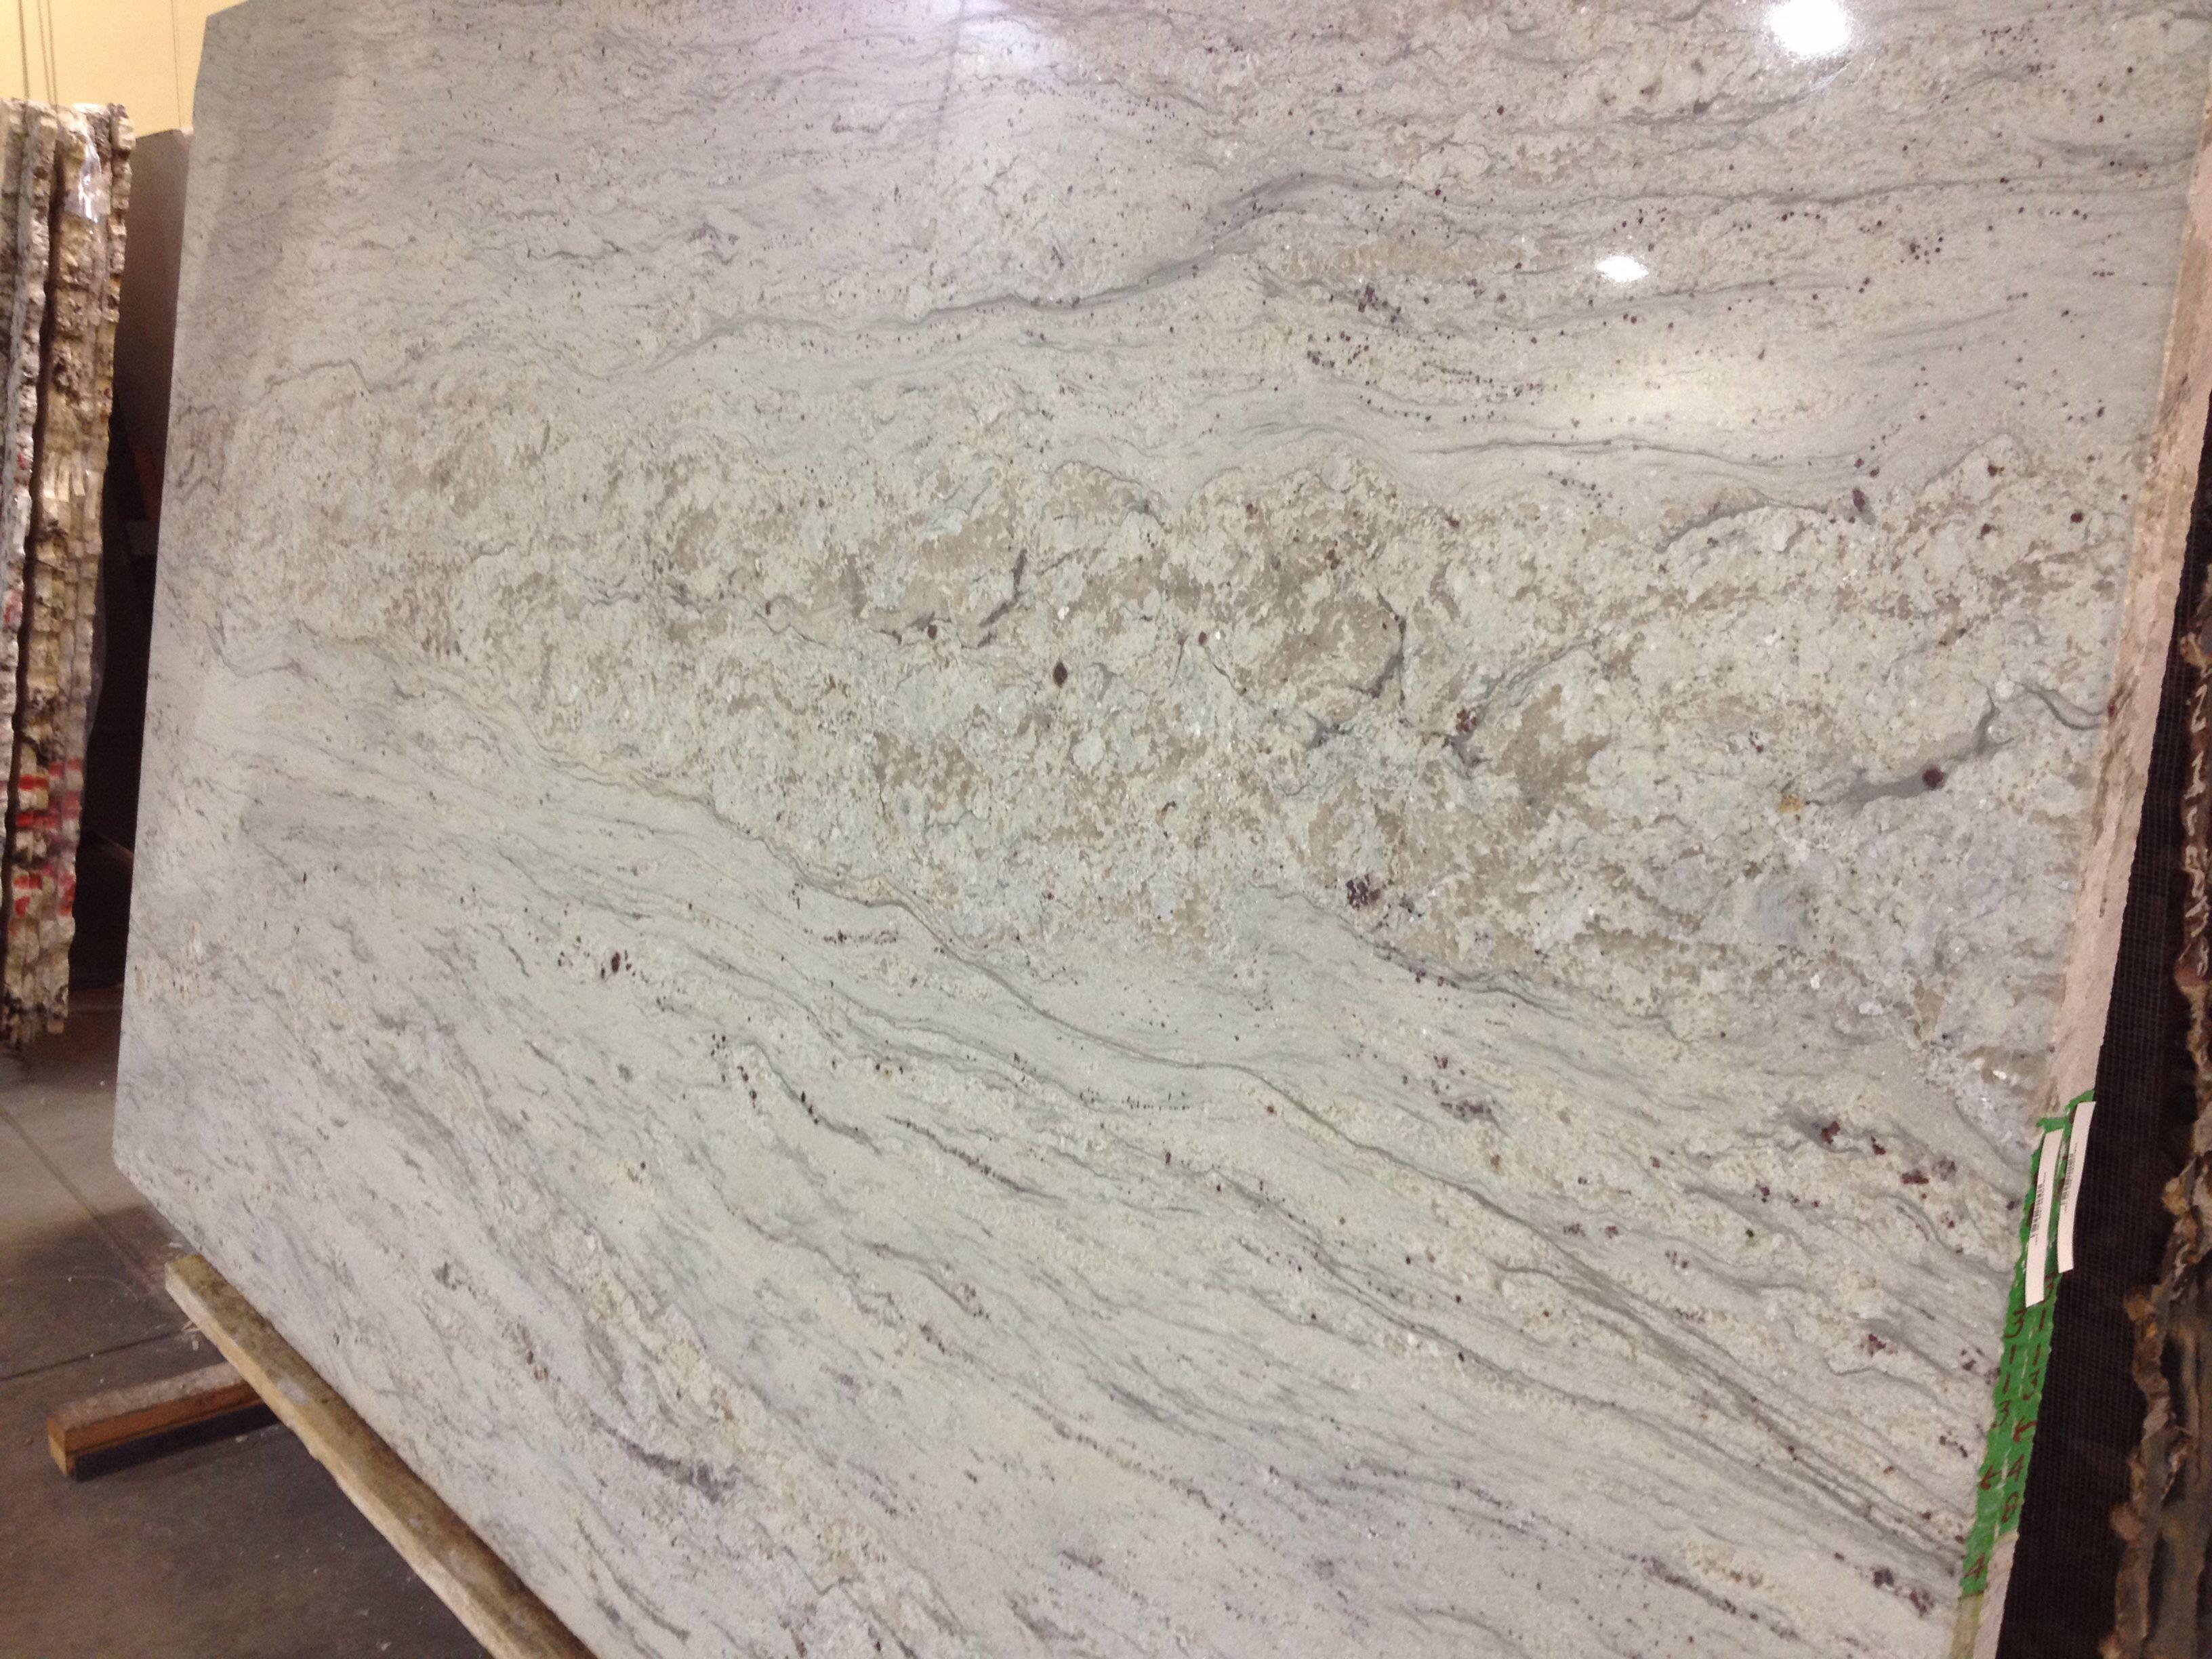 Fanciful River Granite River Granite Master Pinterest River Granite Cabinets River Granite S houzz-02 River White Granite